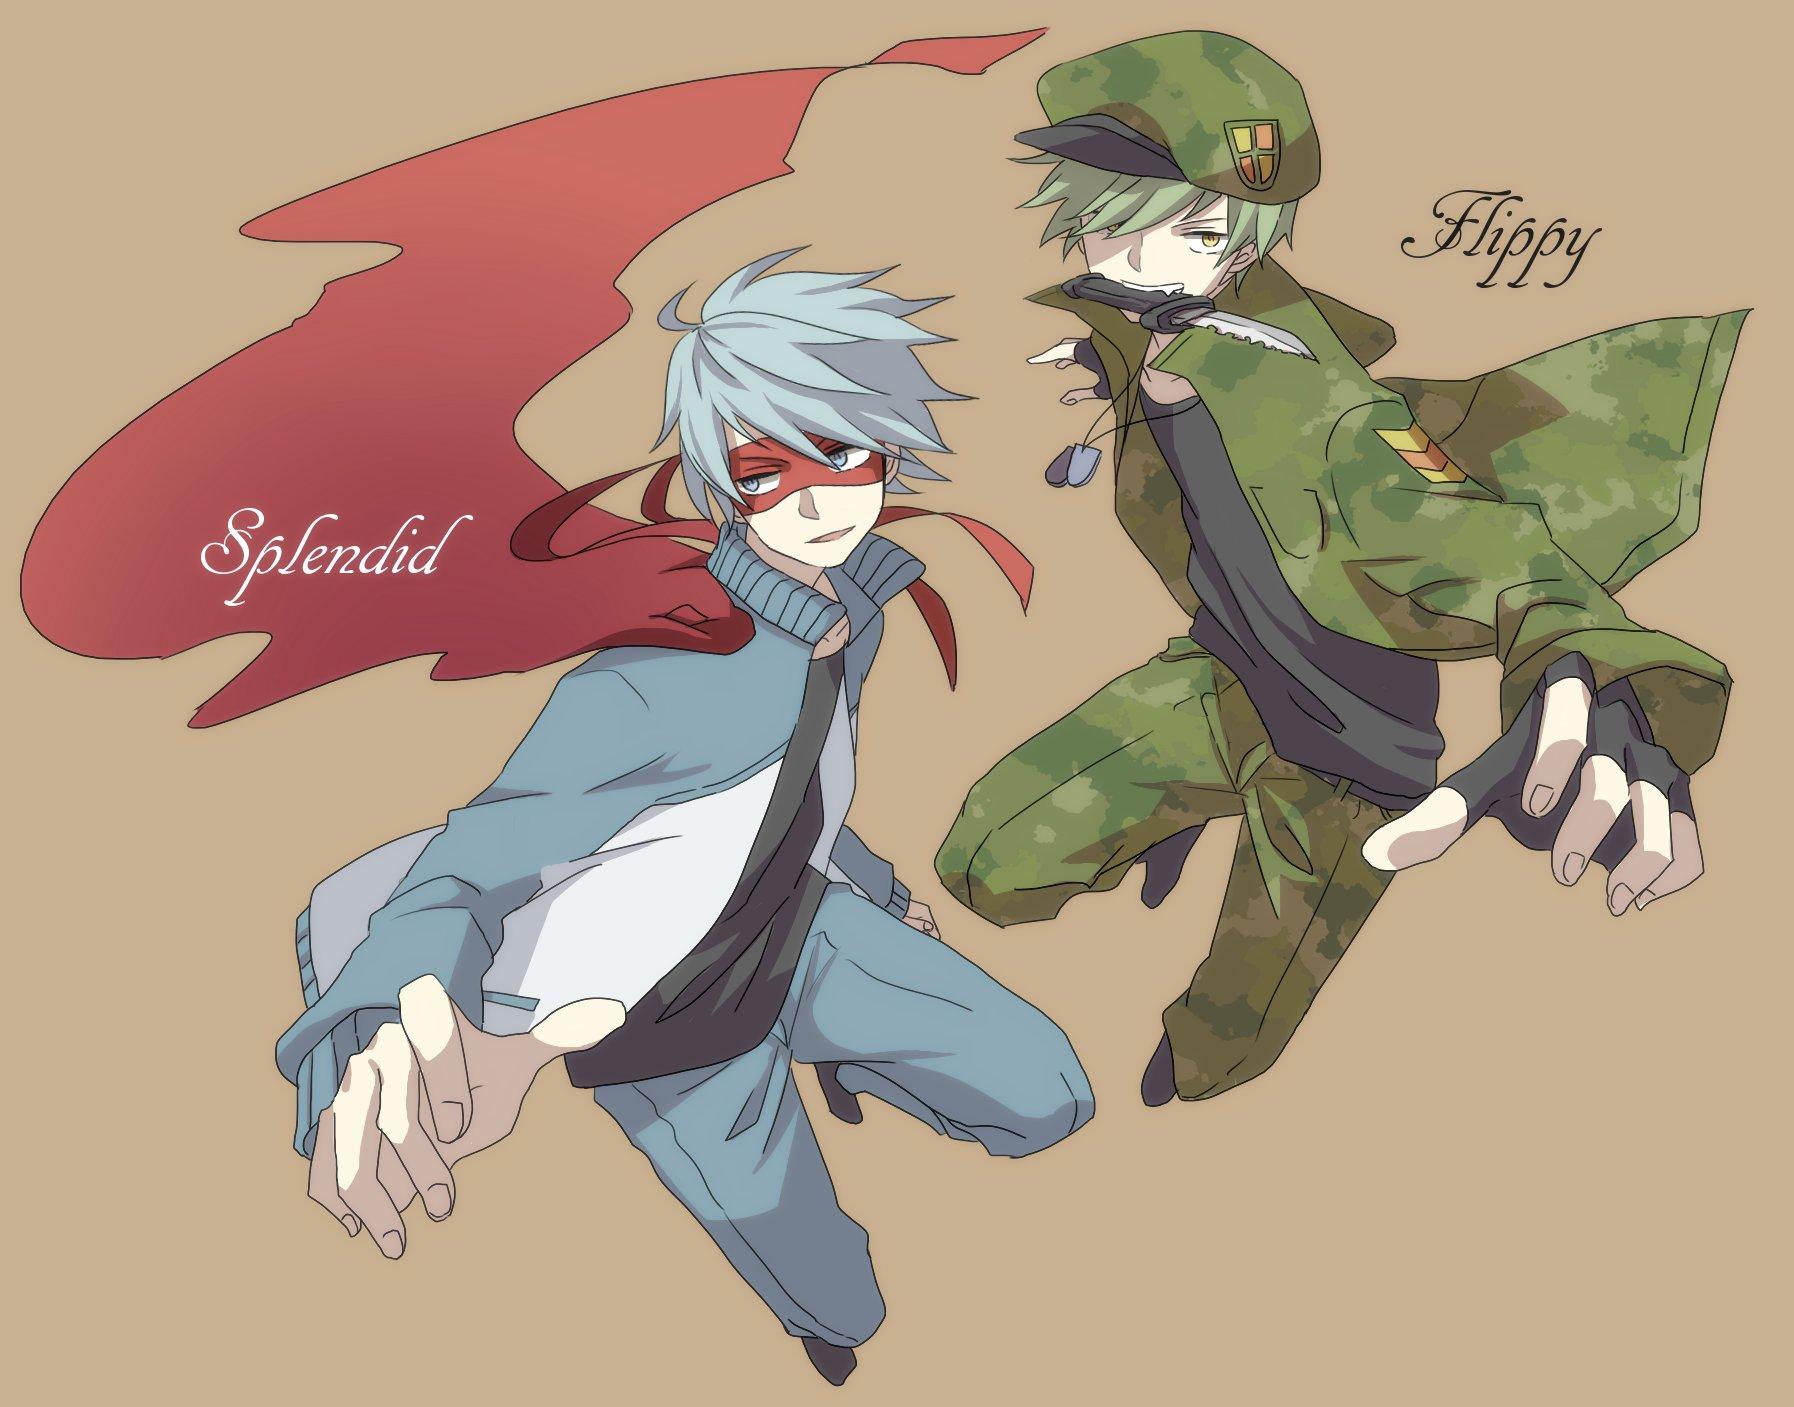 Happy Tree Friends/#354185 - Zerochan